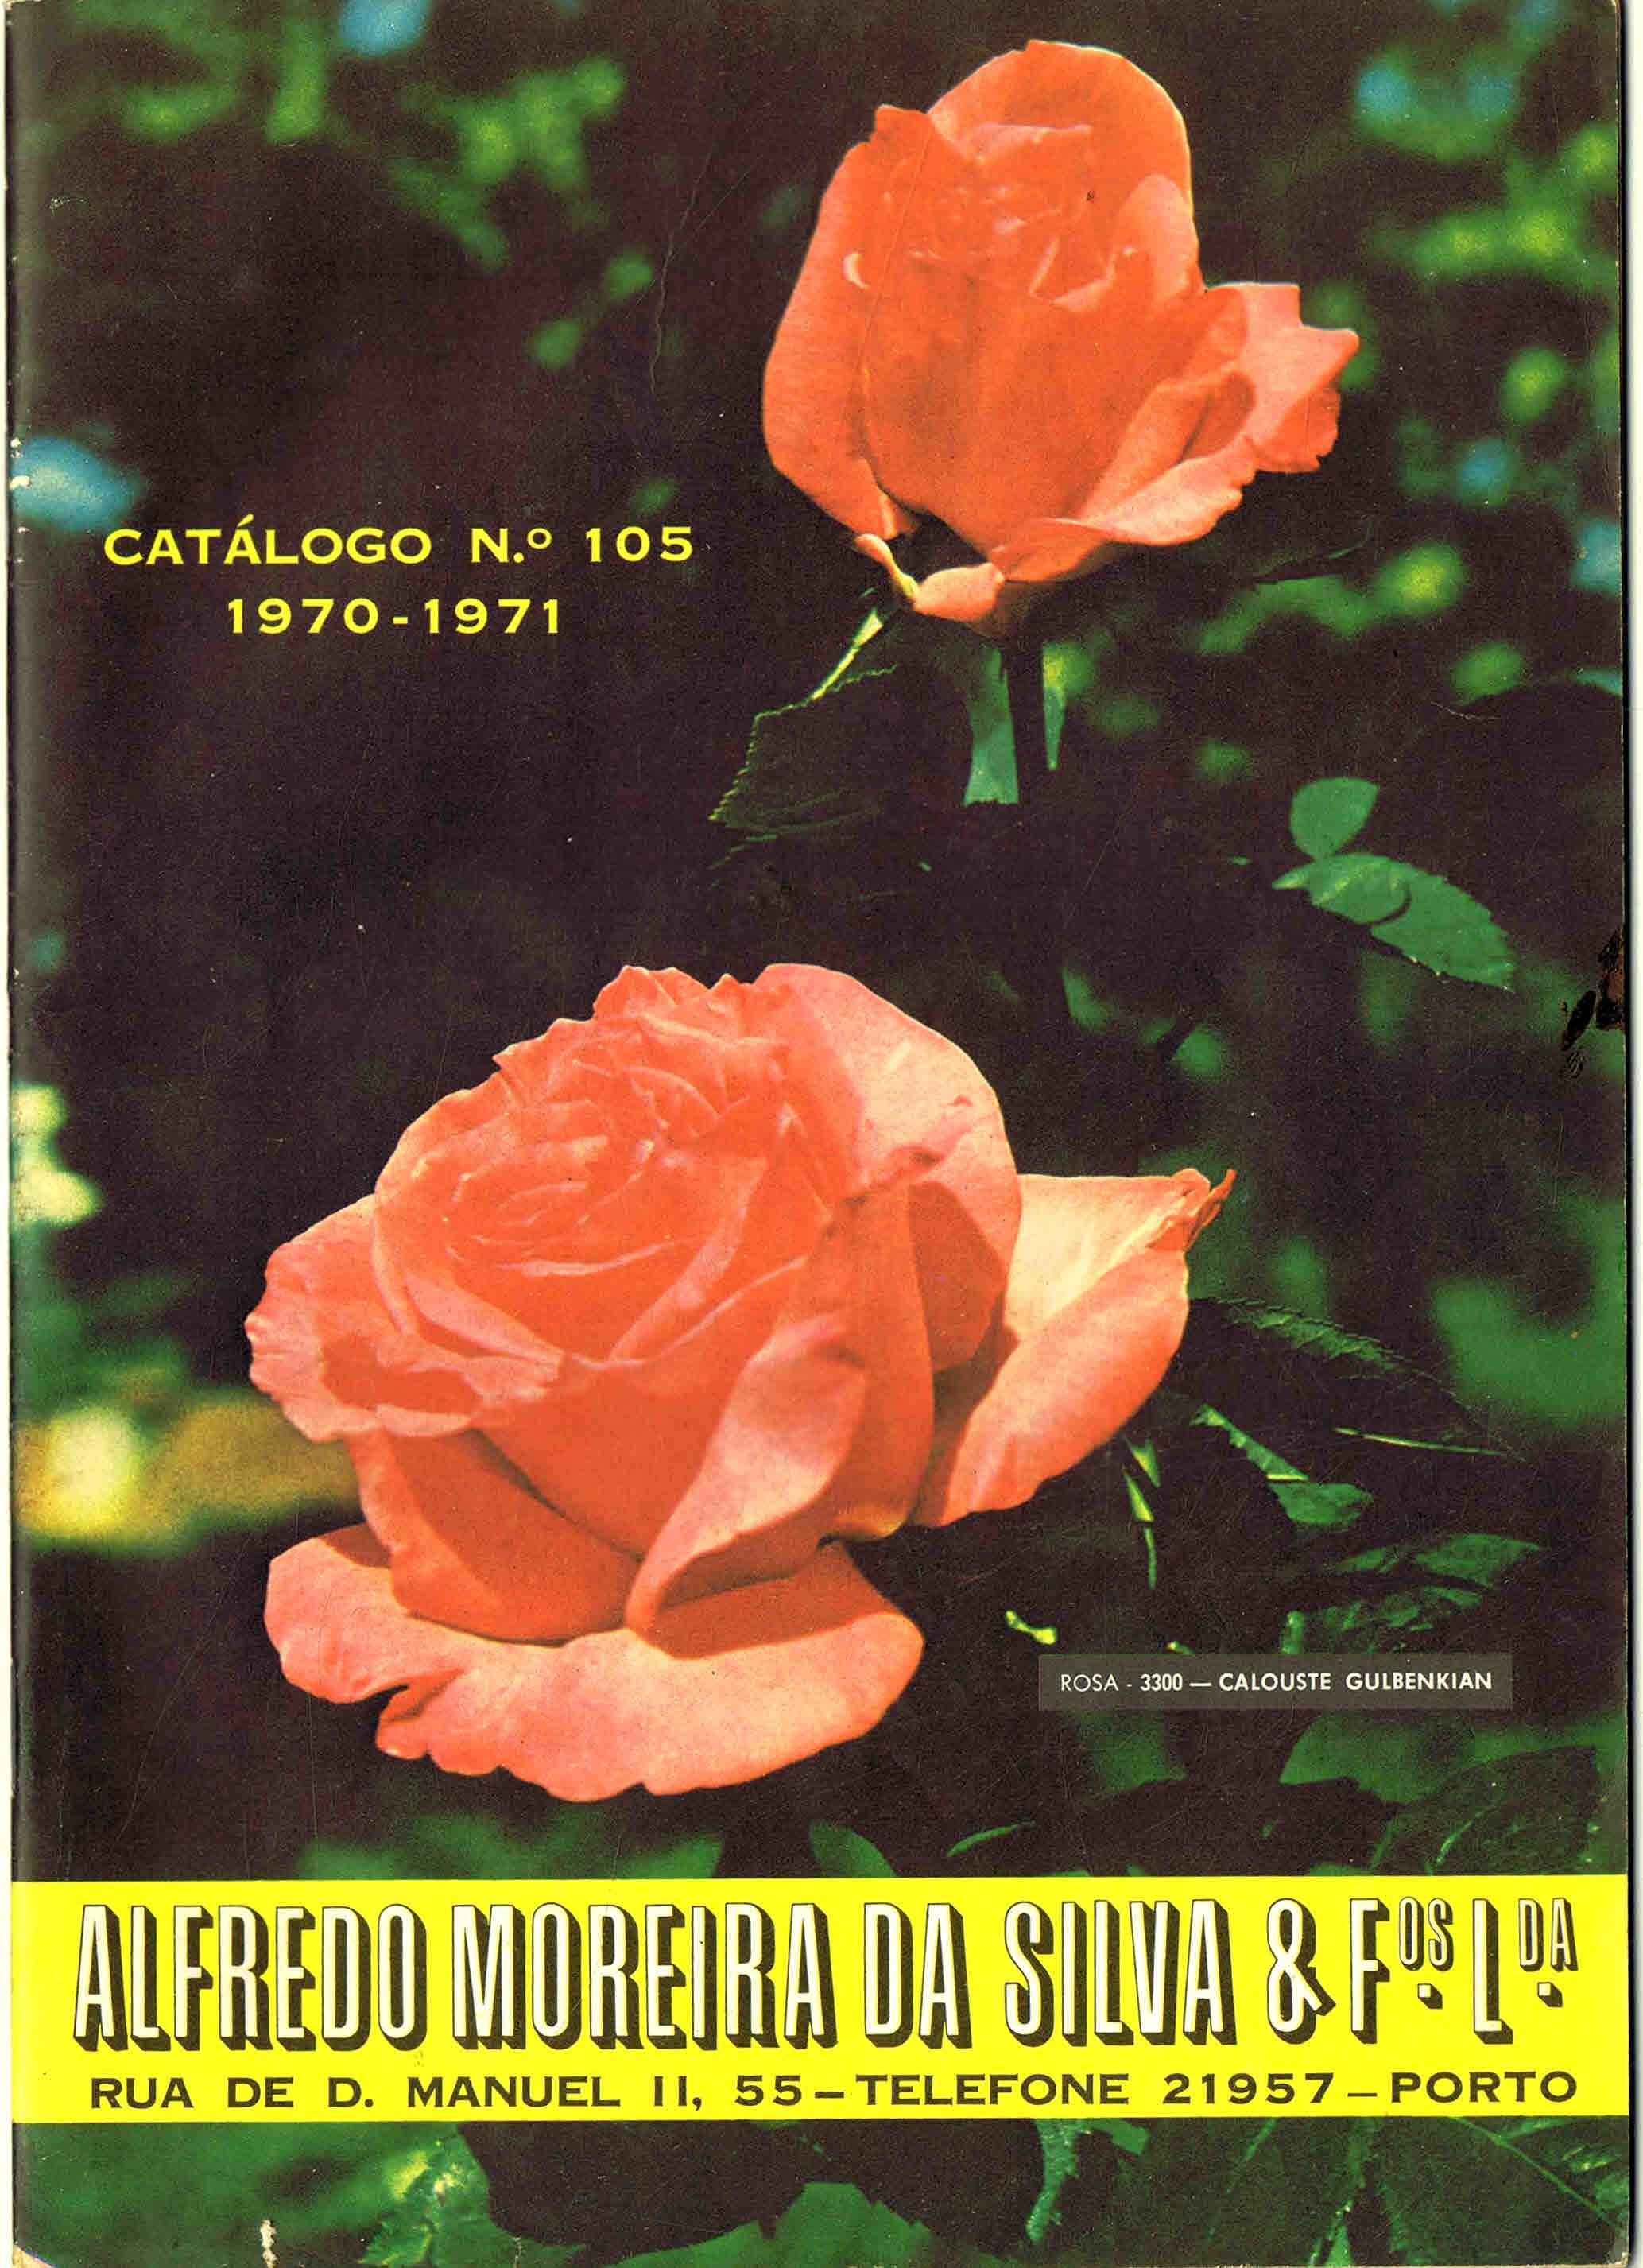 CATALOGO HORTICOLA MOREIRA DA SILVA & Fos Lda nº 105 1970-1971